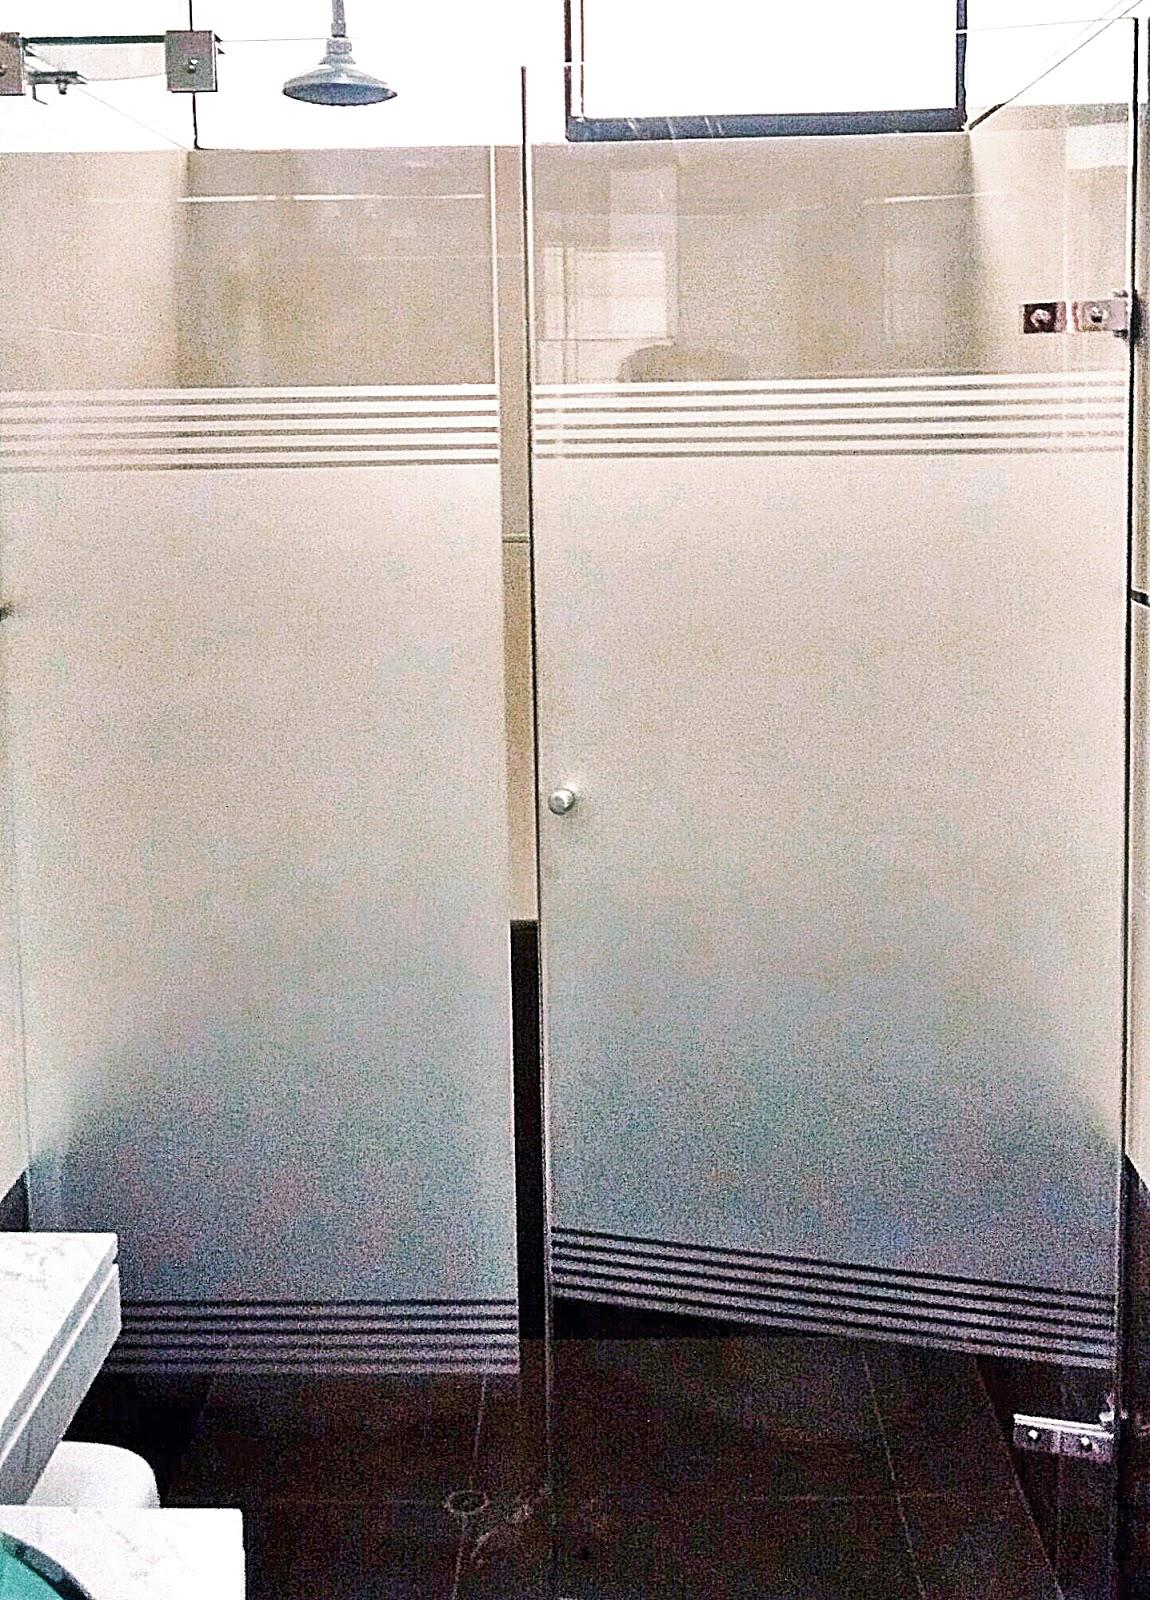 Puertas para duchas y tinas puertas para duchas y para tinas - Puertas para duchas ...